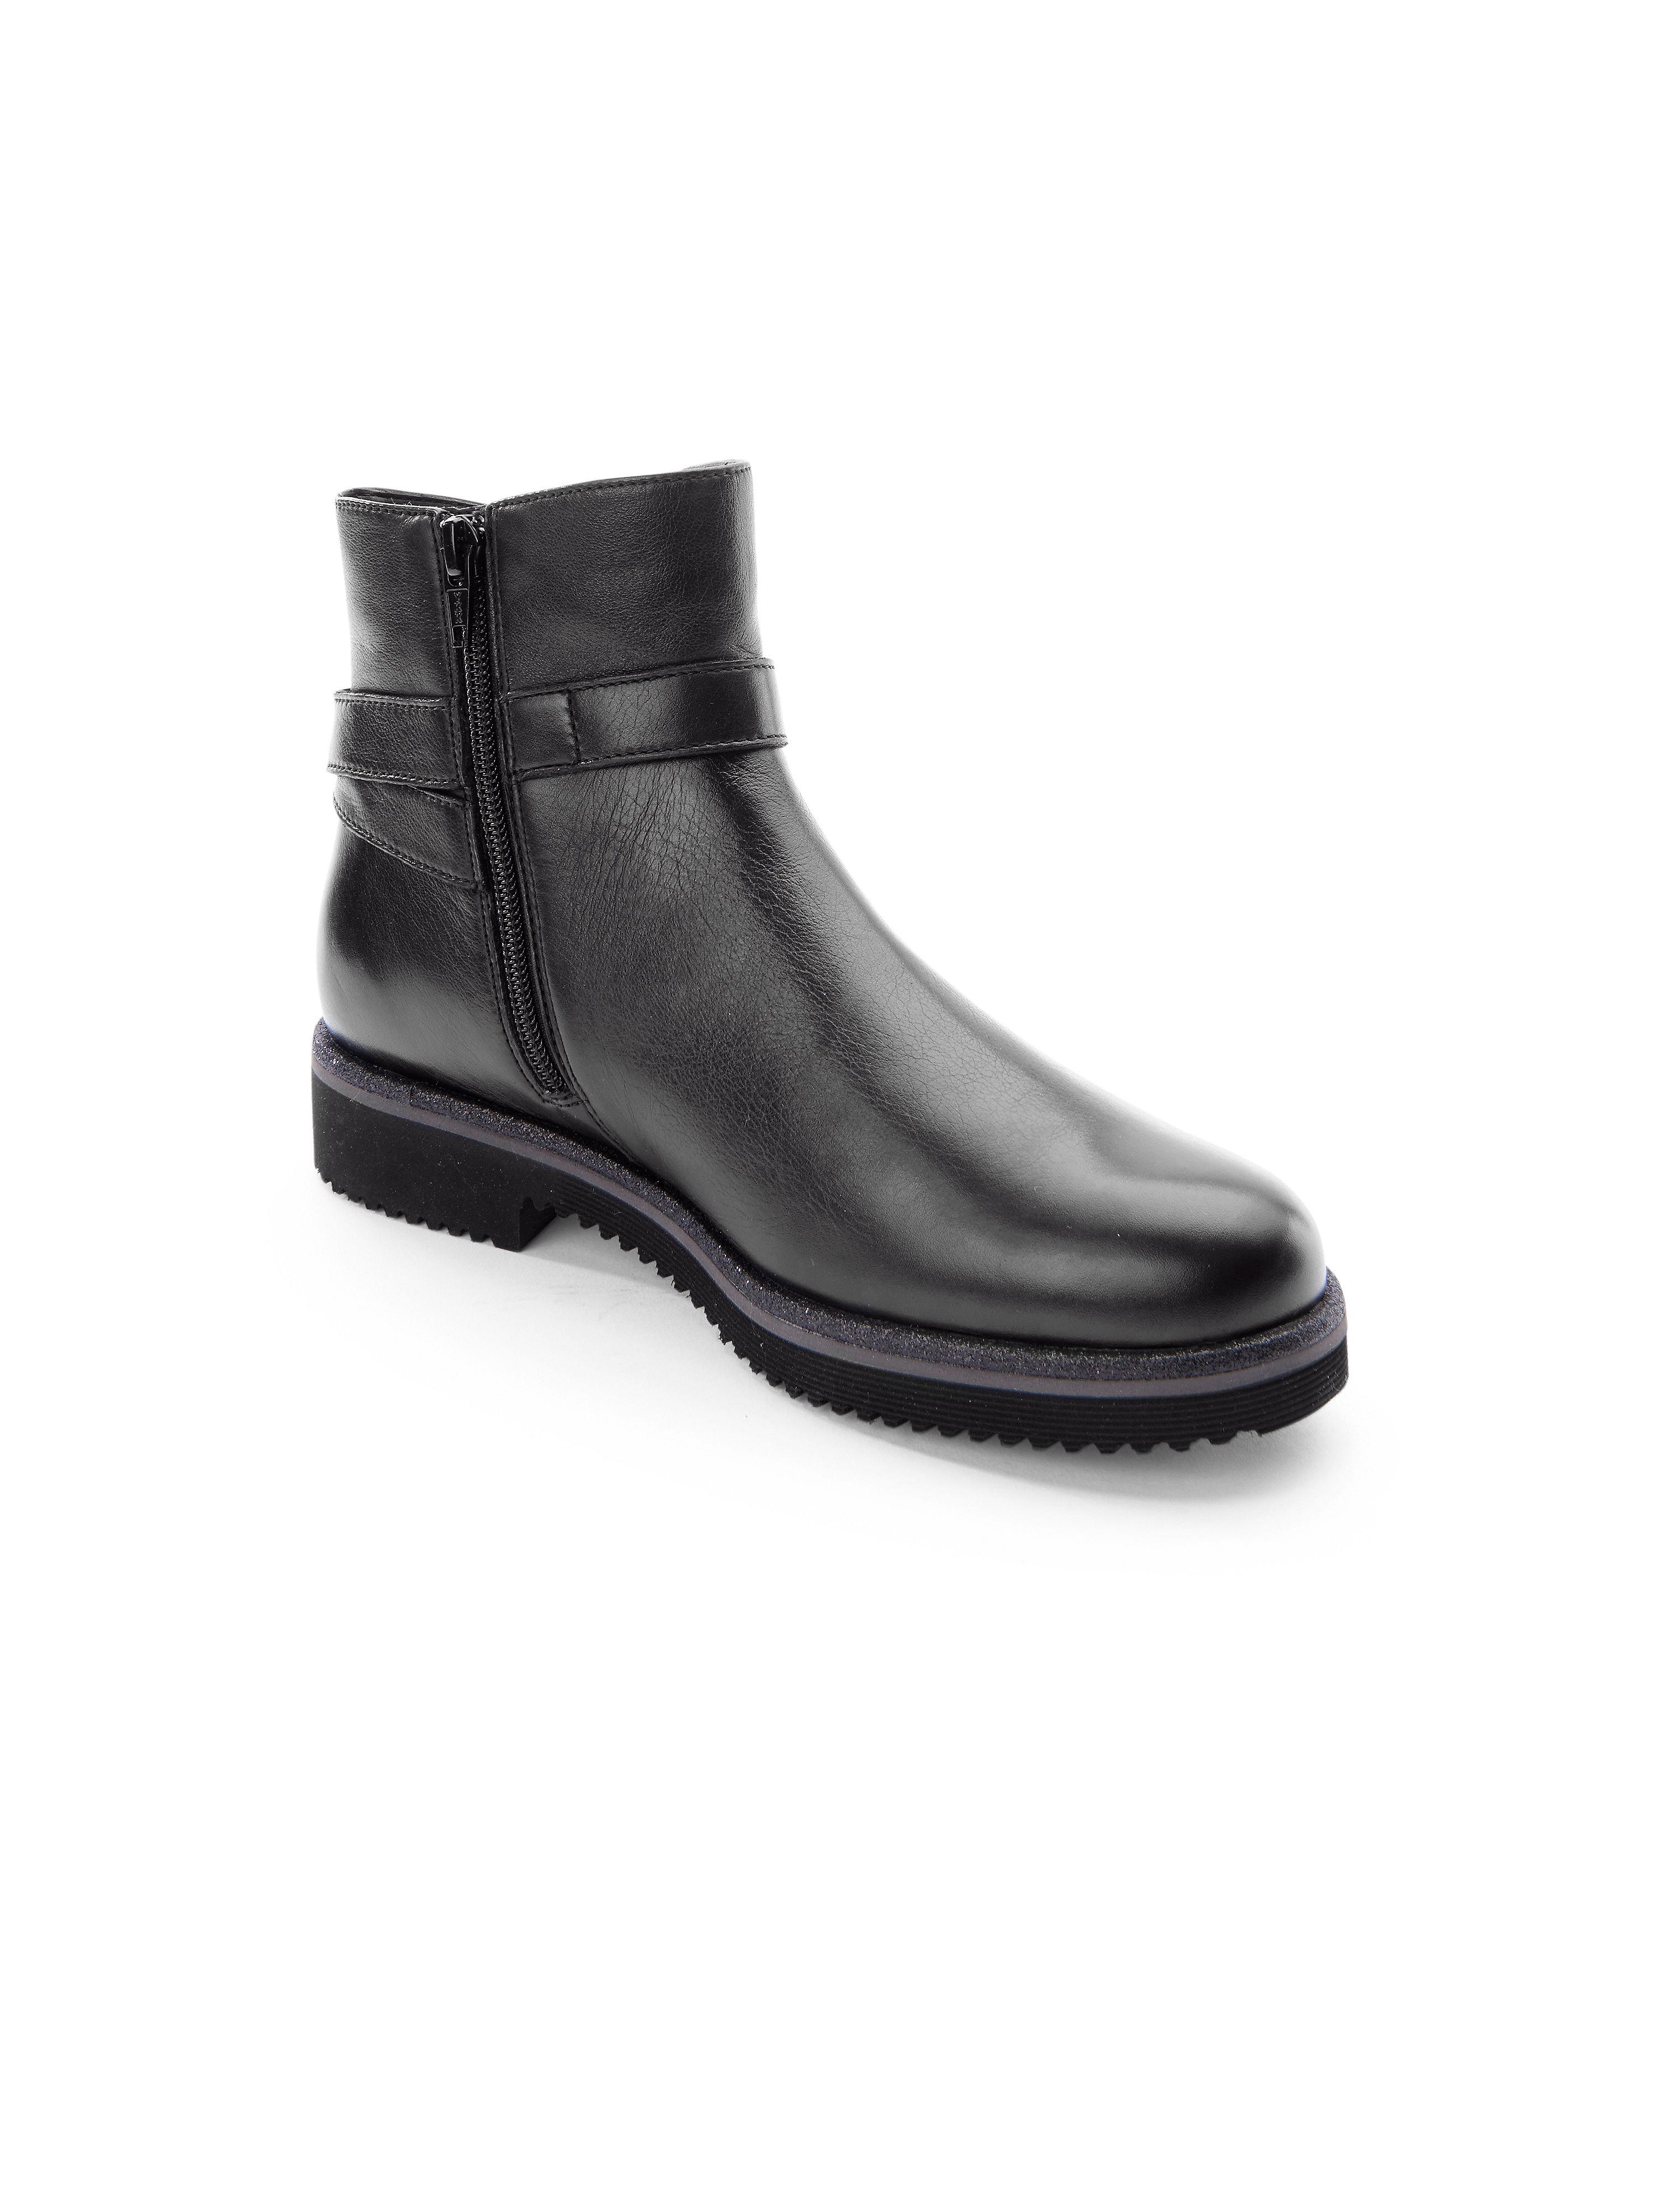 Gabor - Stiefelette - Schwarz Gute Qualität beliebte Schuhe